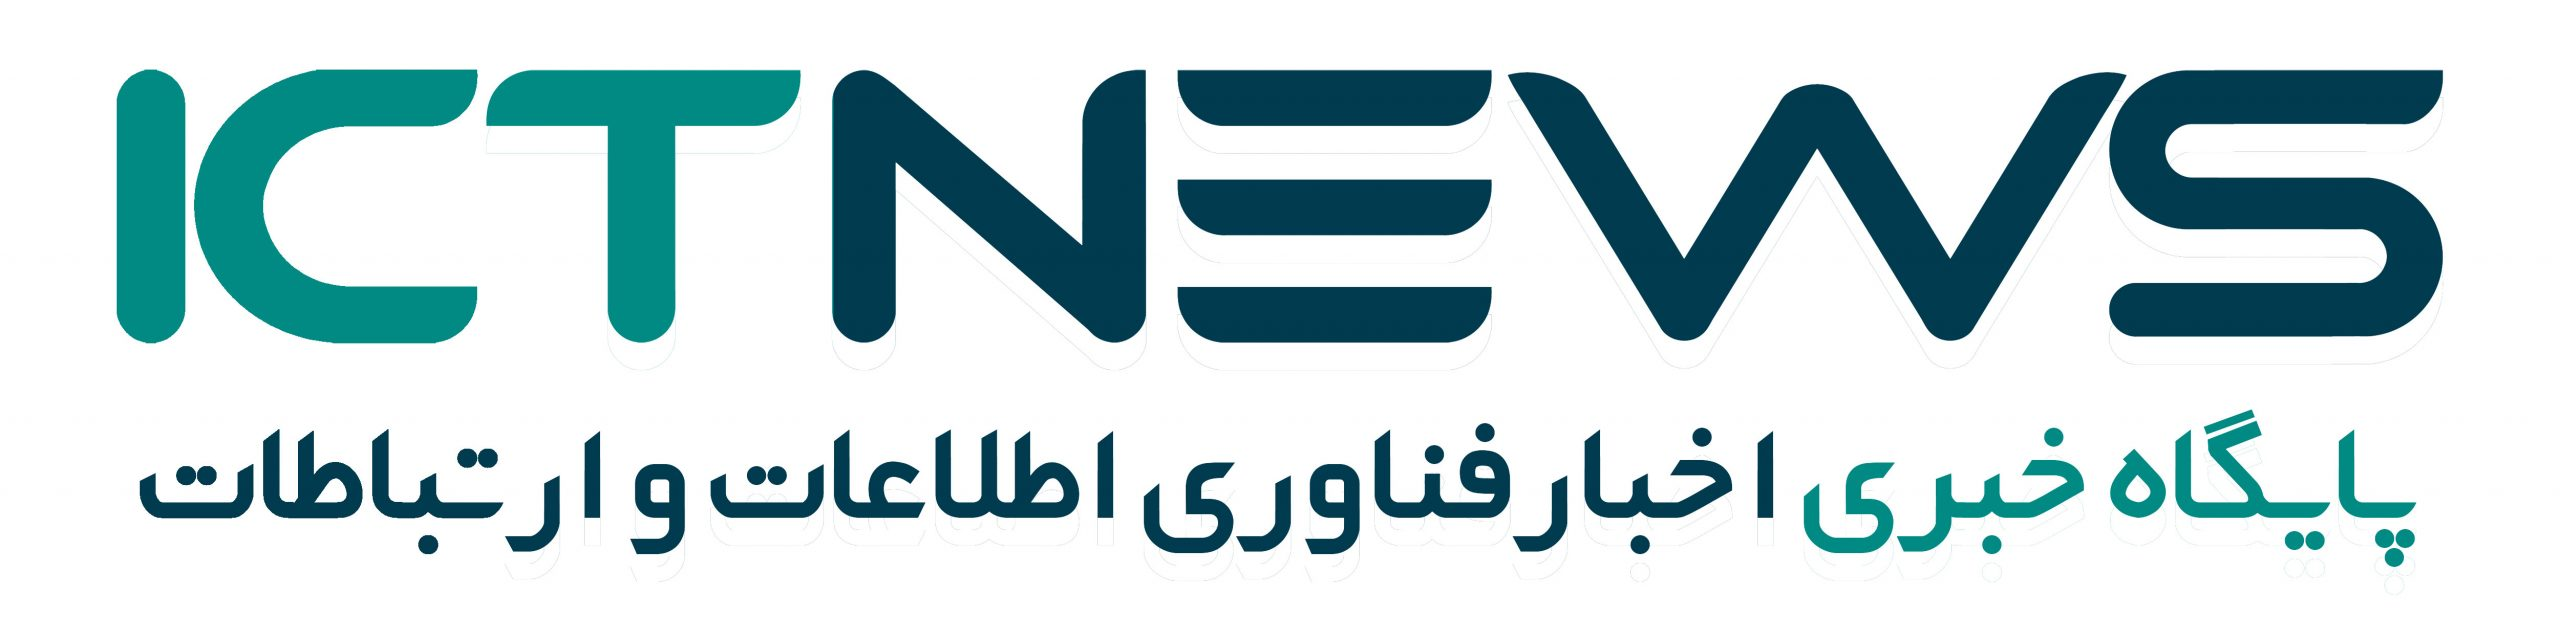 پایگاه خبری اخبار فناوری اطلاعات و ارتباطات